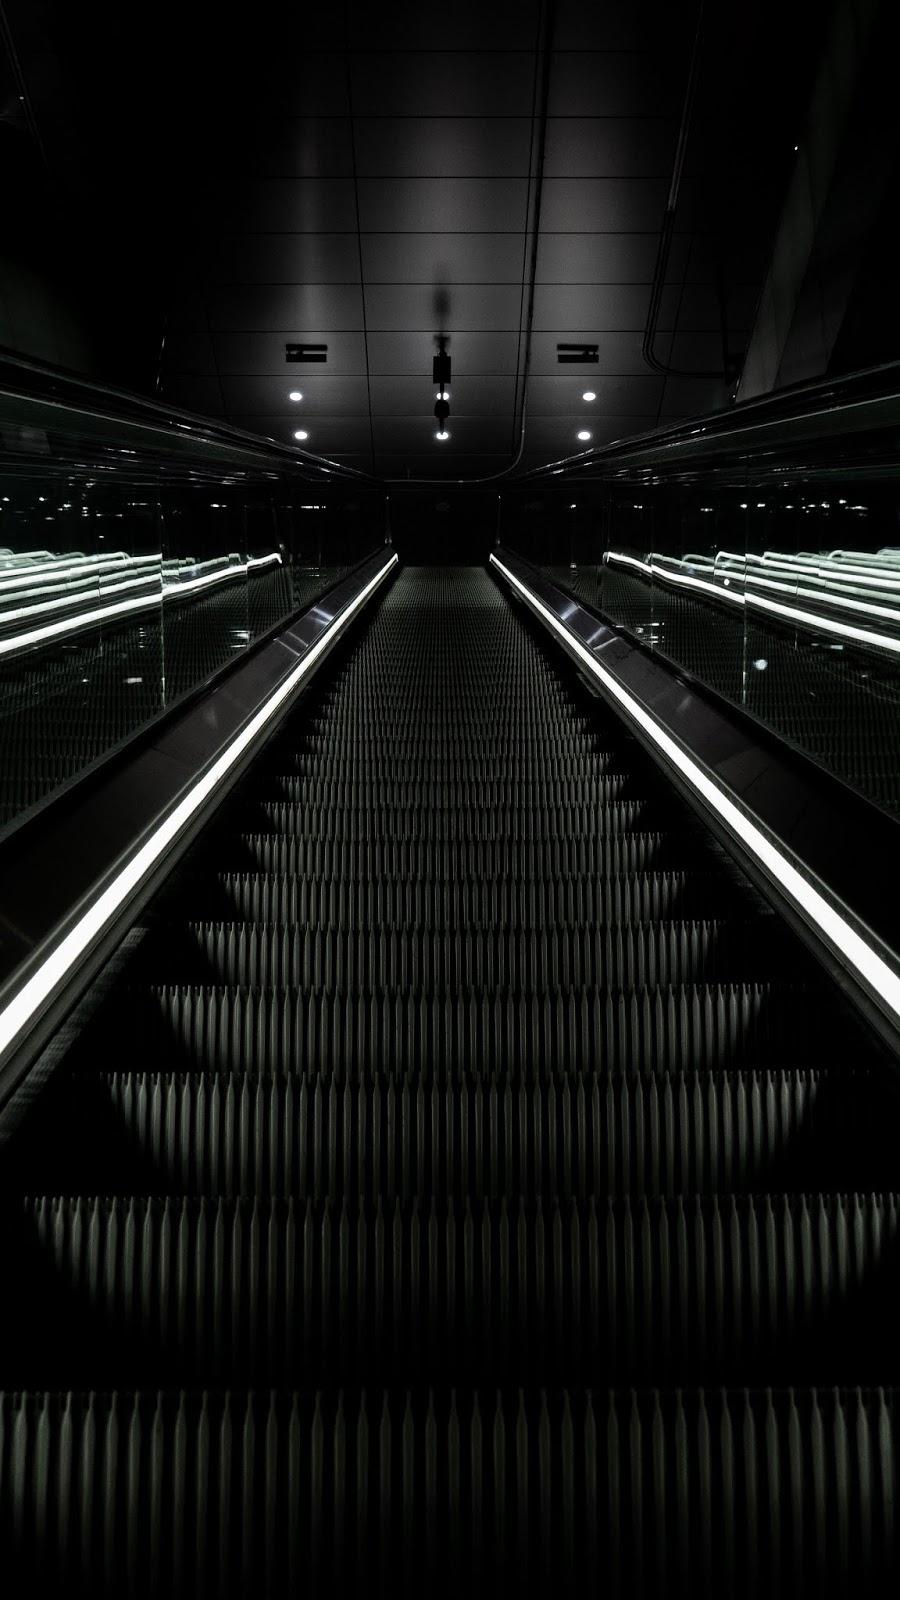 خلفيات للموبايل بقمة الجمال والخيال Wallpapers Mobile خلفيات للهاتف خلفيات للايفون خلفيات اندرويد خلفيات جميلة للهاتف خل Light Captions Neon Lighting Lights